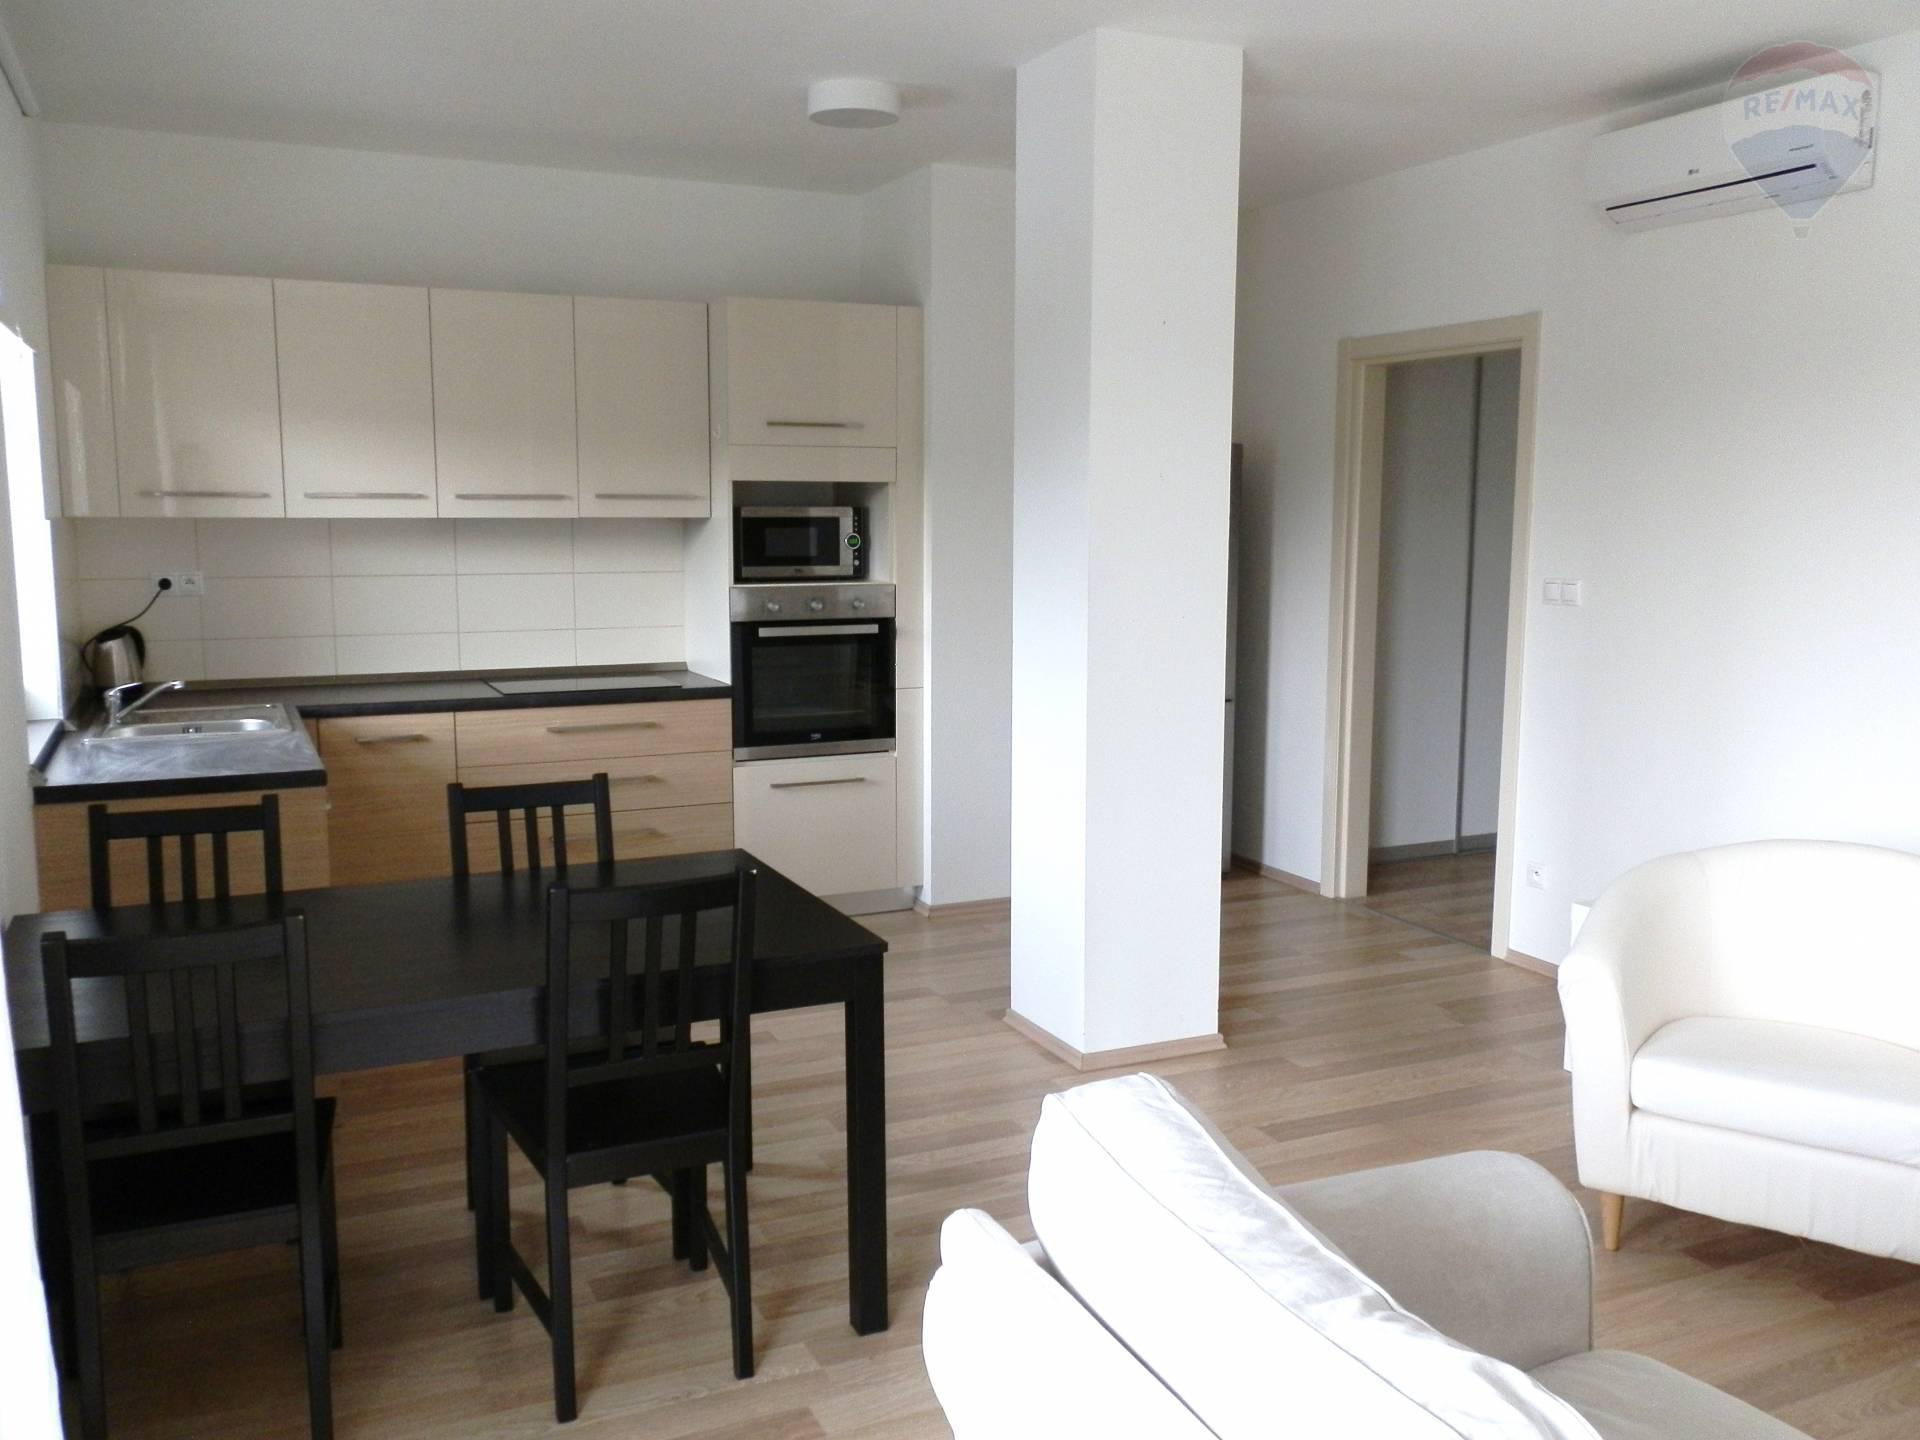 Prenájom bytu (2 izbový) 70 m2, Nitra - prenájom novostavba 2 izbový byt nitra